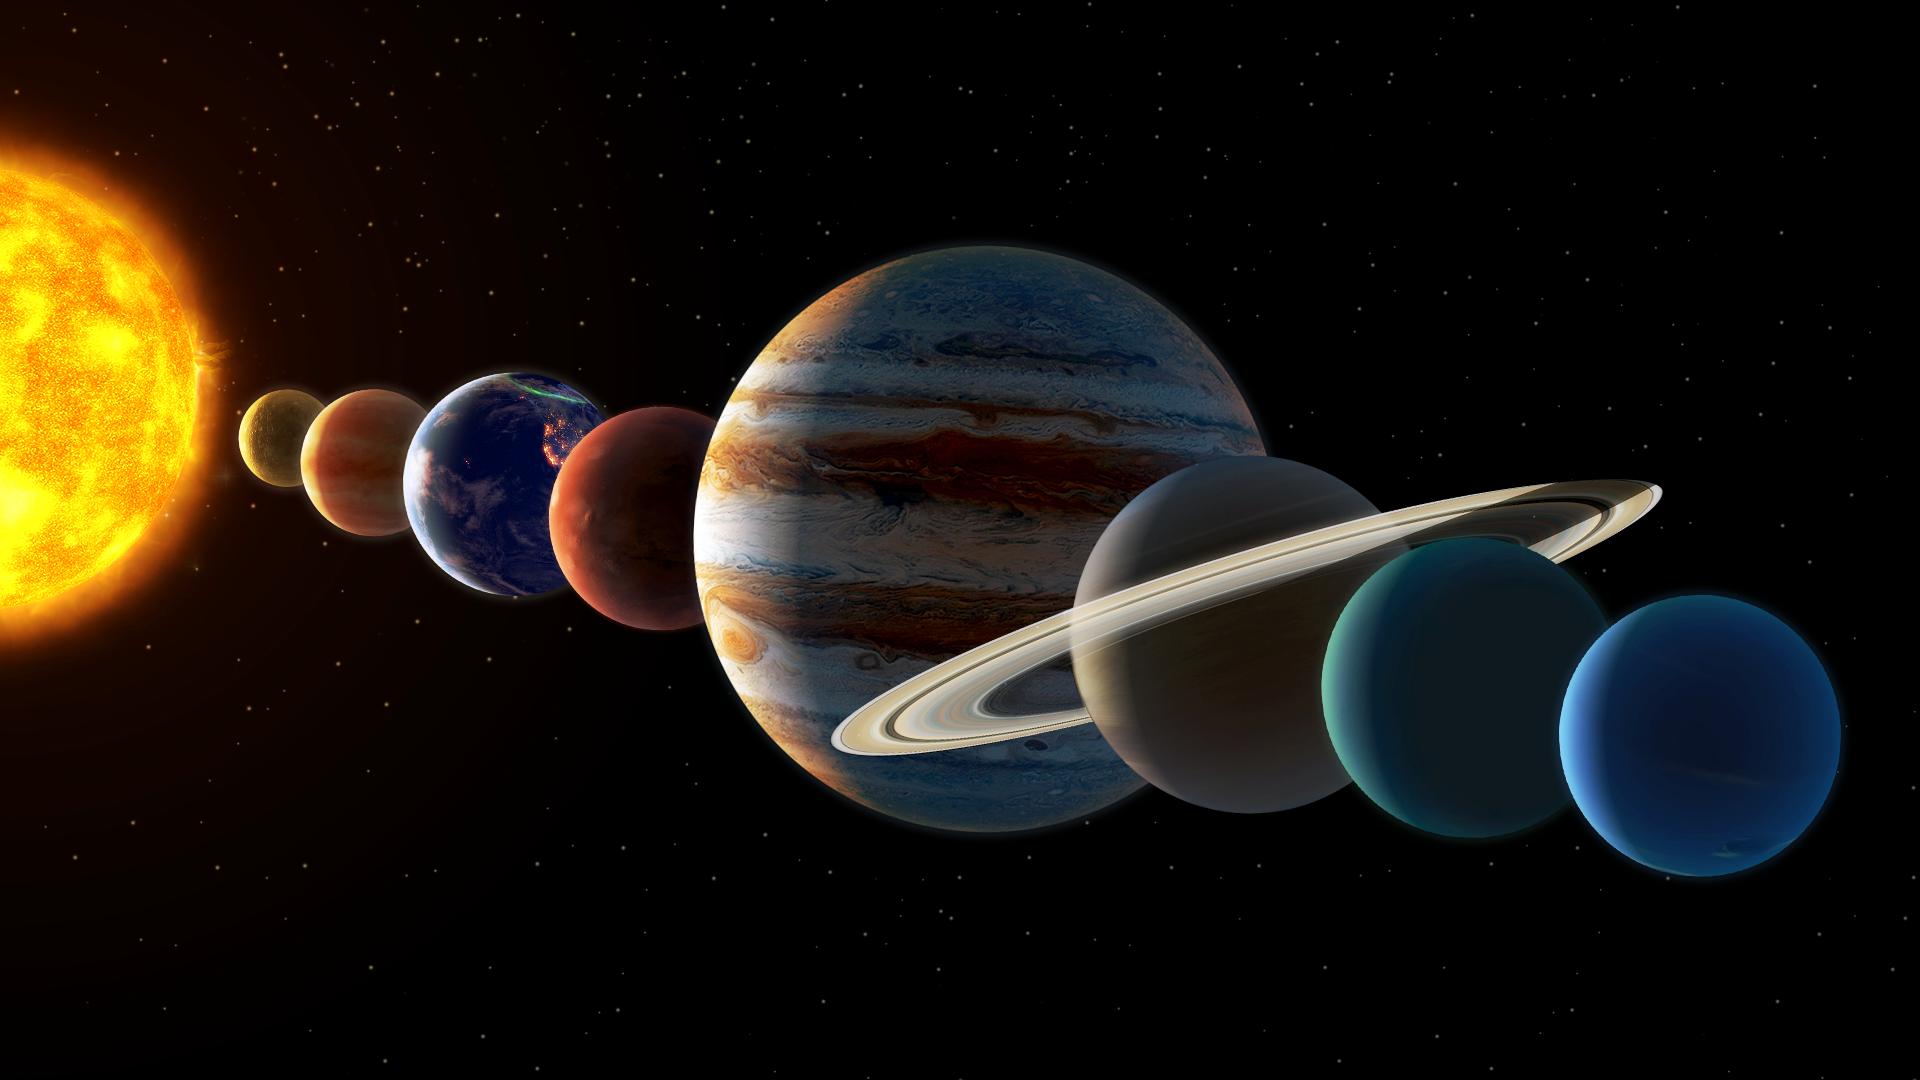 ترتيب الكواكب حسب بعدها عن الشمس من حيث الأقرب أو الأبعد